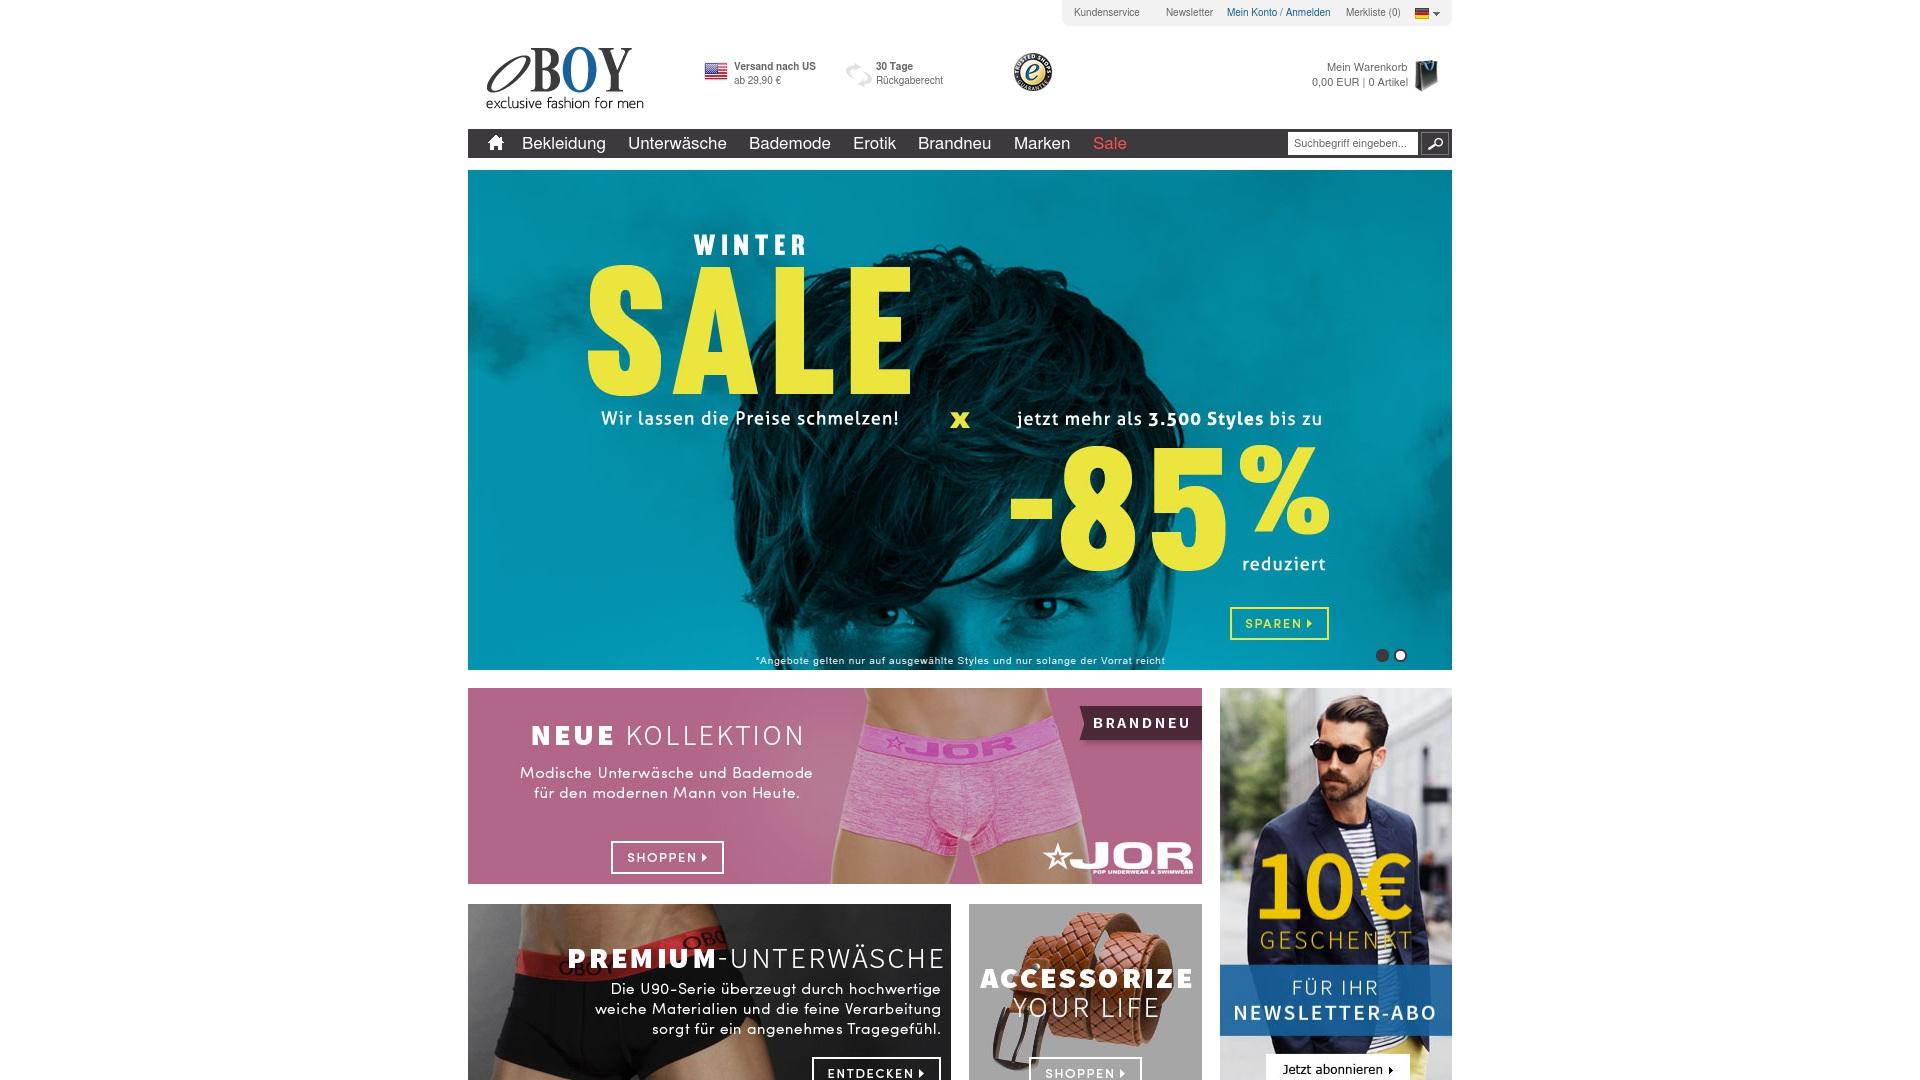 Gutschein für Oboy: Rabatte für  Oboy sichern